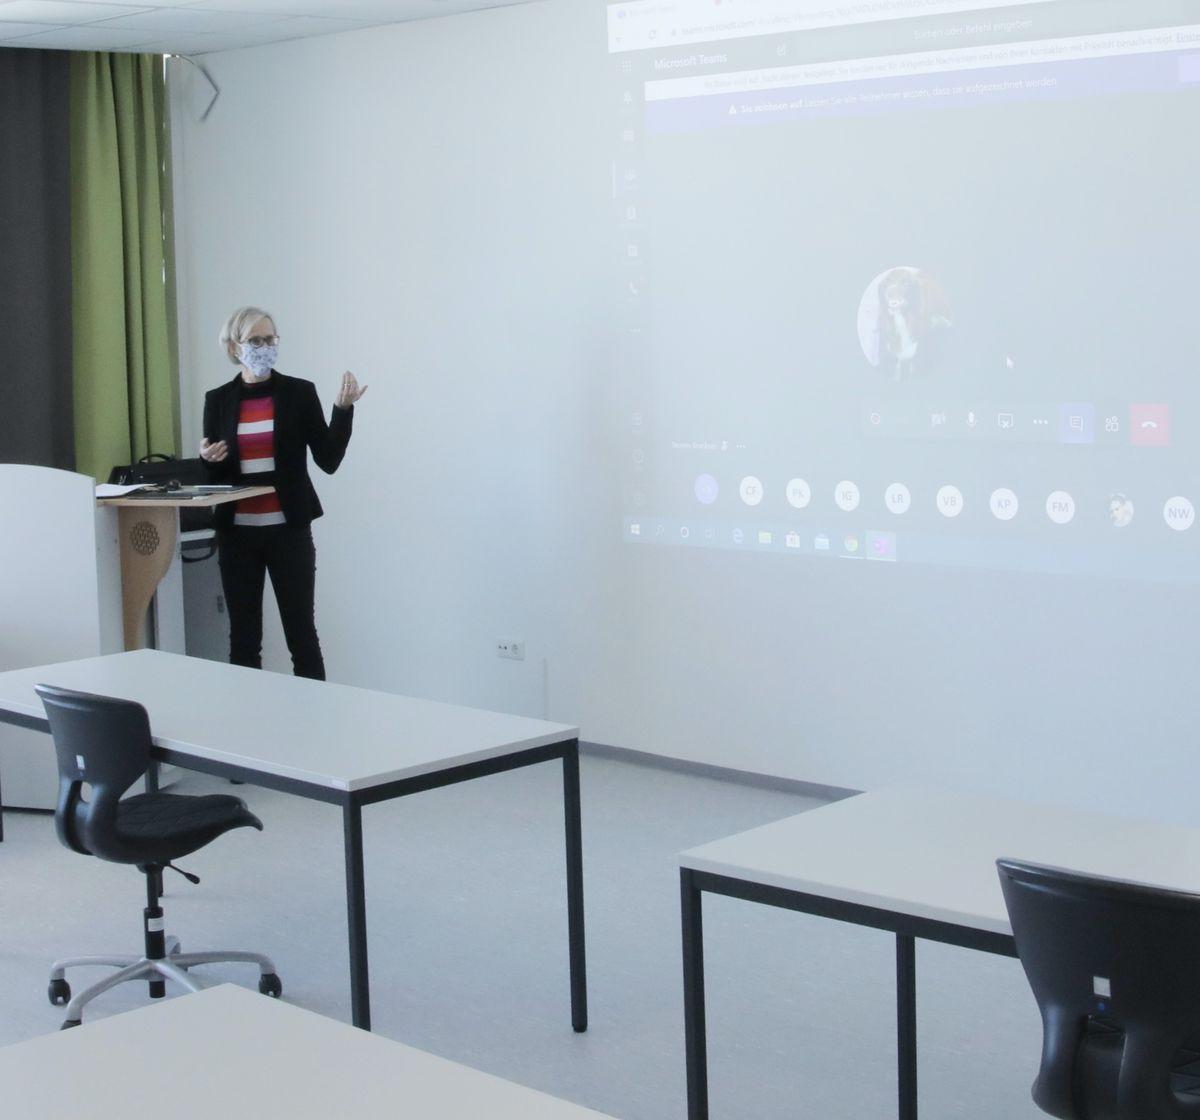 Mehr als 160 Dozenten haben ihren Unterricht vollständig auf die virtuelle Lehre umgestellt.